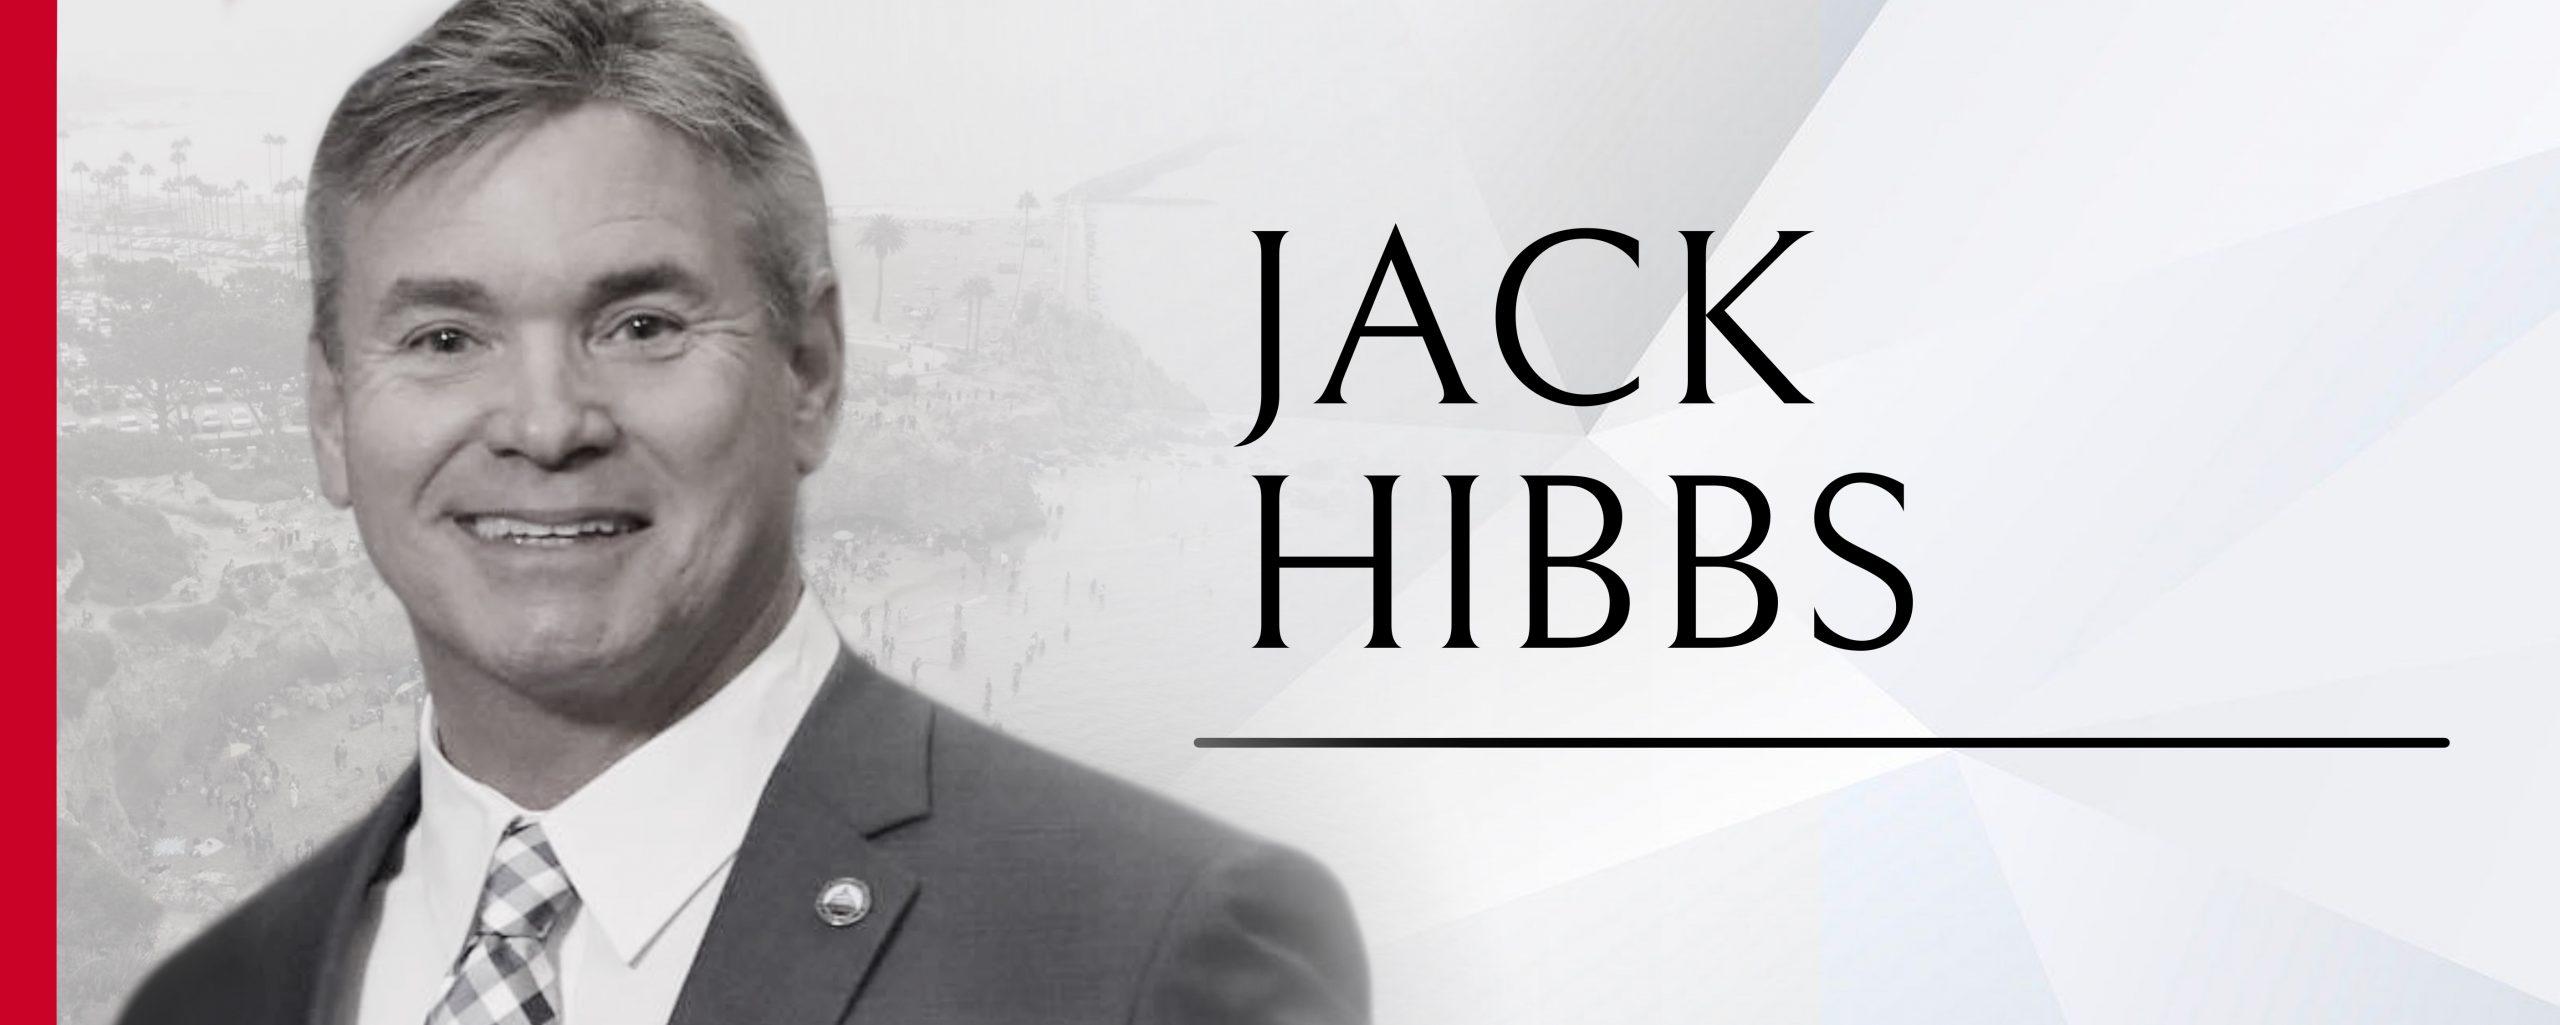 Jack Hibbs